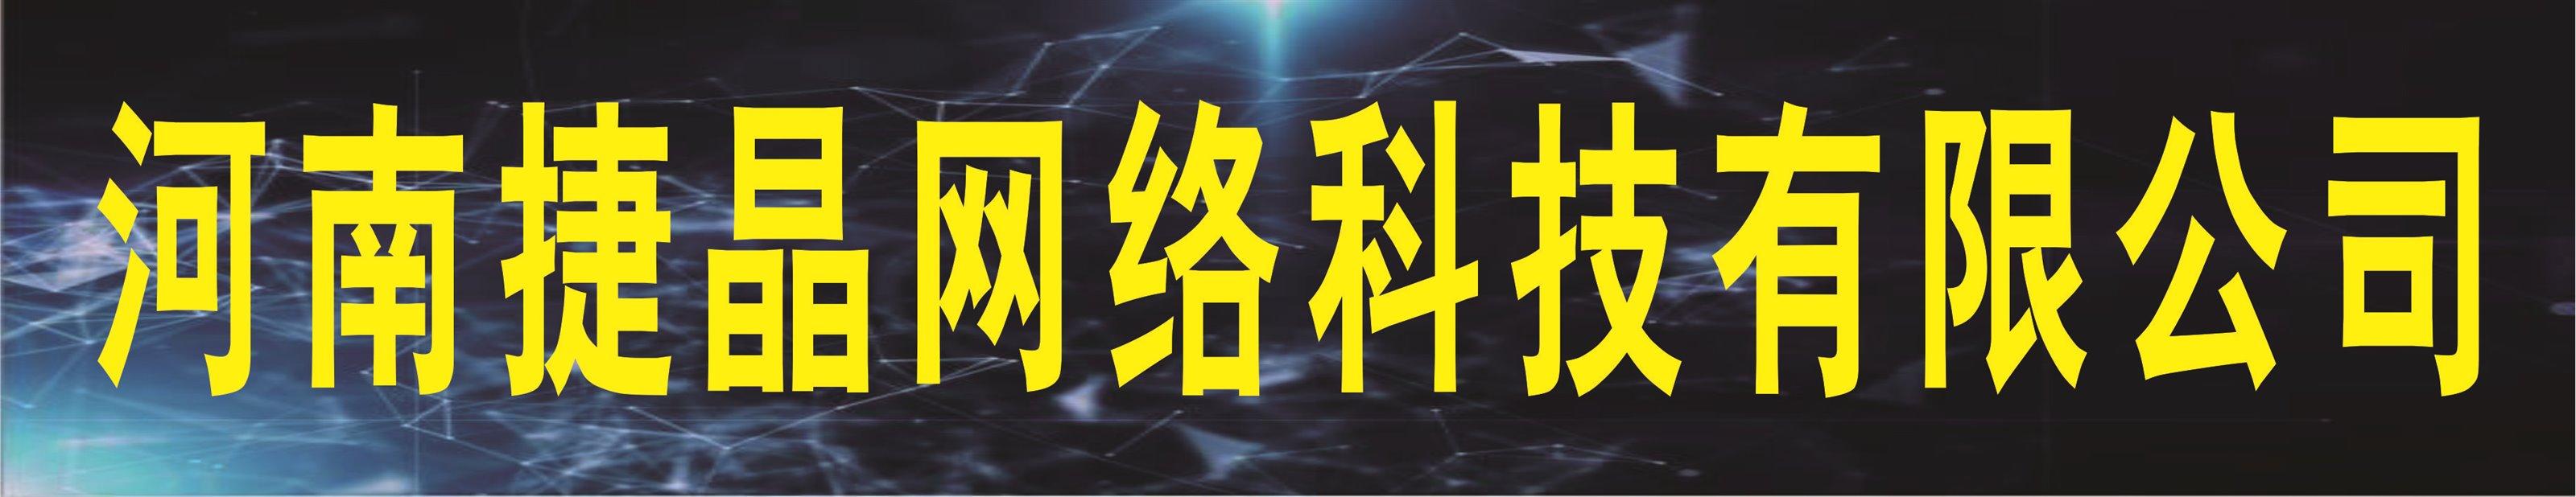 河南捷晶网络科技有限公司